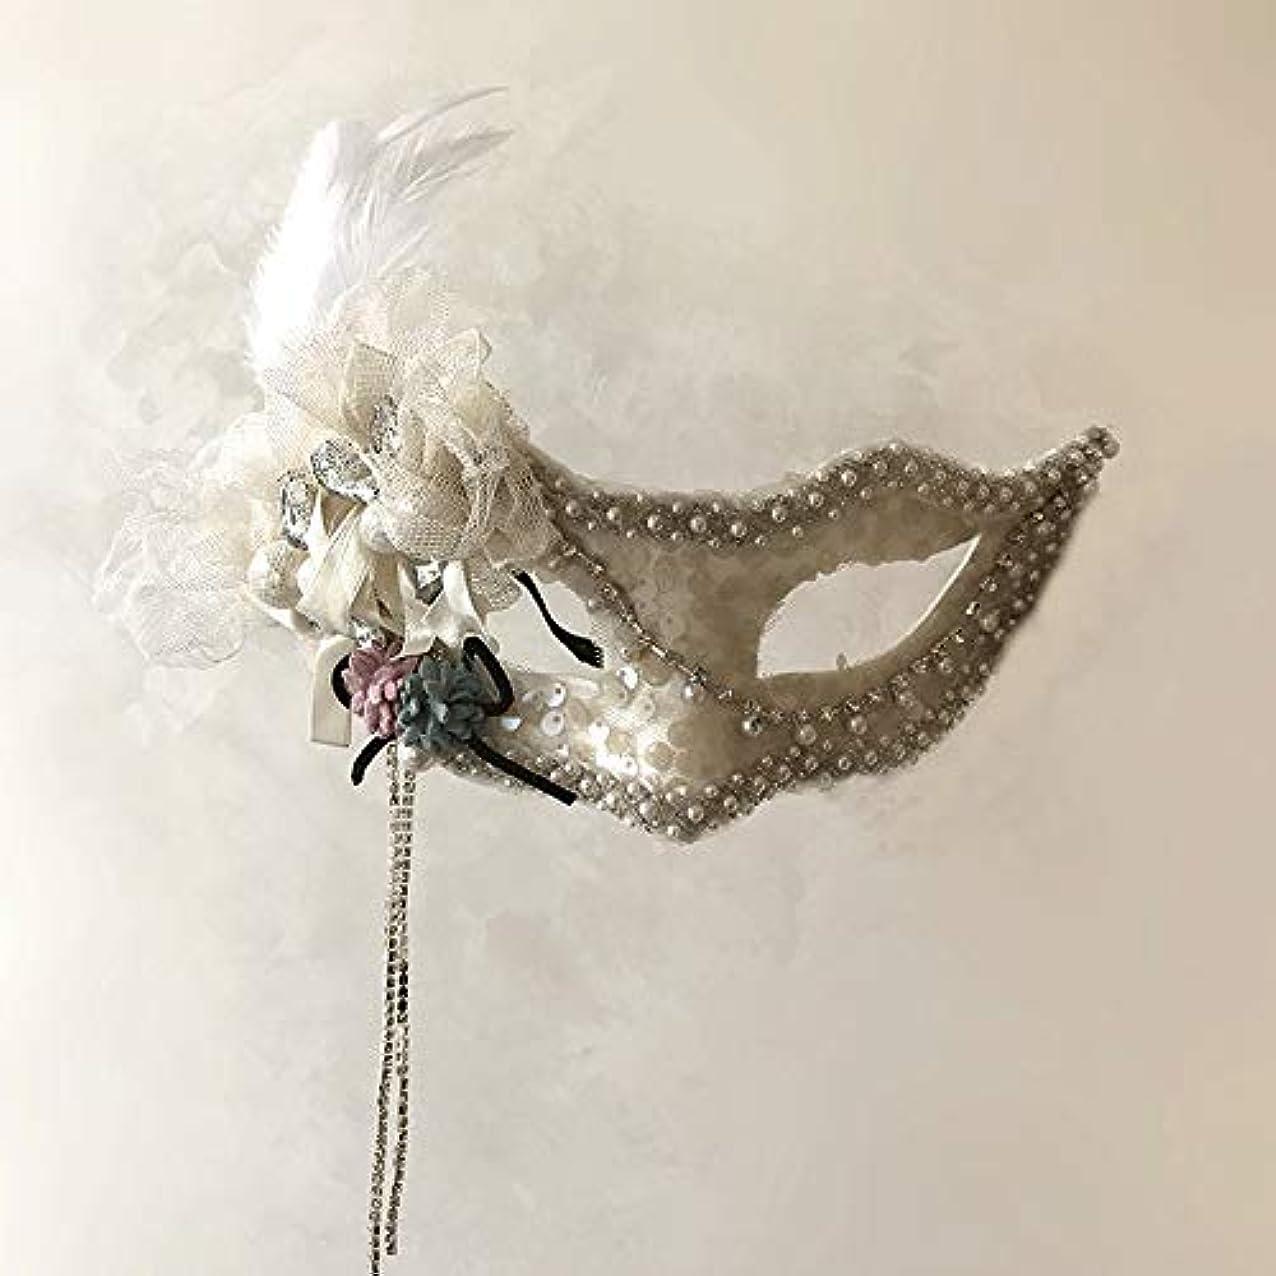 忌避剤どれ研究所Nanle ホワイトフェザーフラワーマスク仮装ボールアイマスクハロウィーンボールフリンジフェザーマスクパーティマスク女性レディセクシーマスク (色 : Style D)